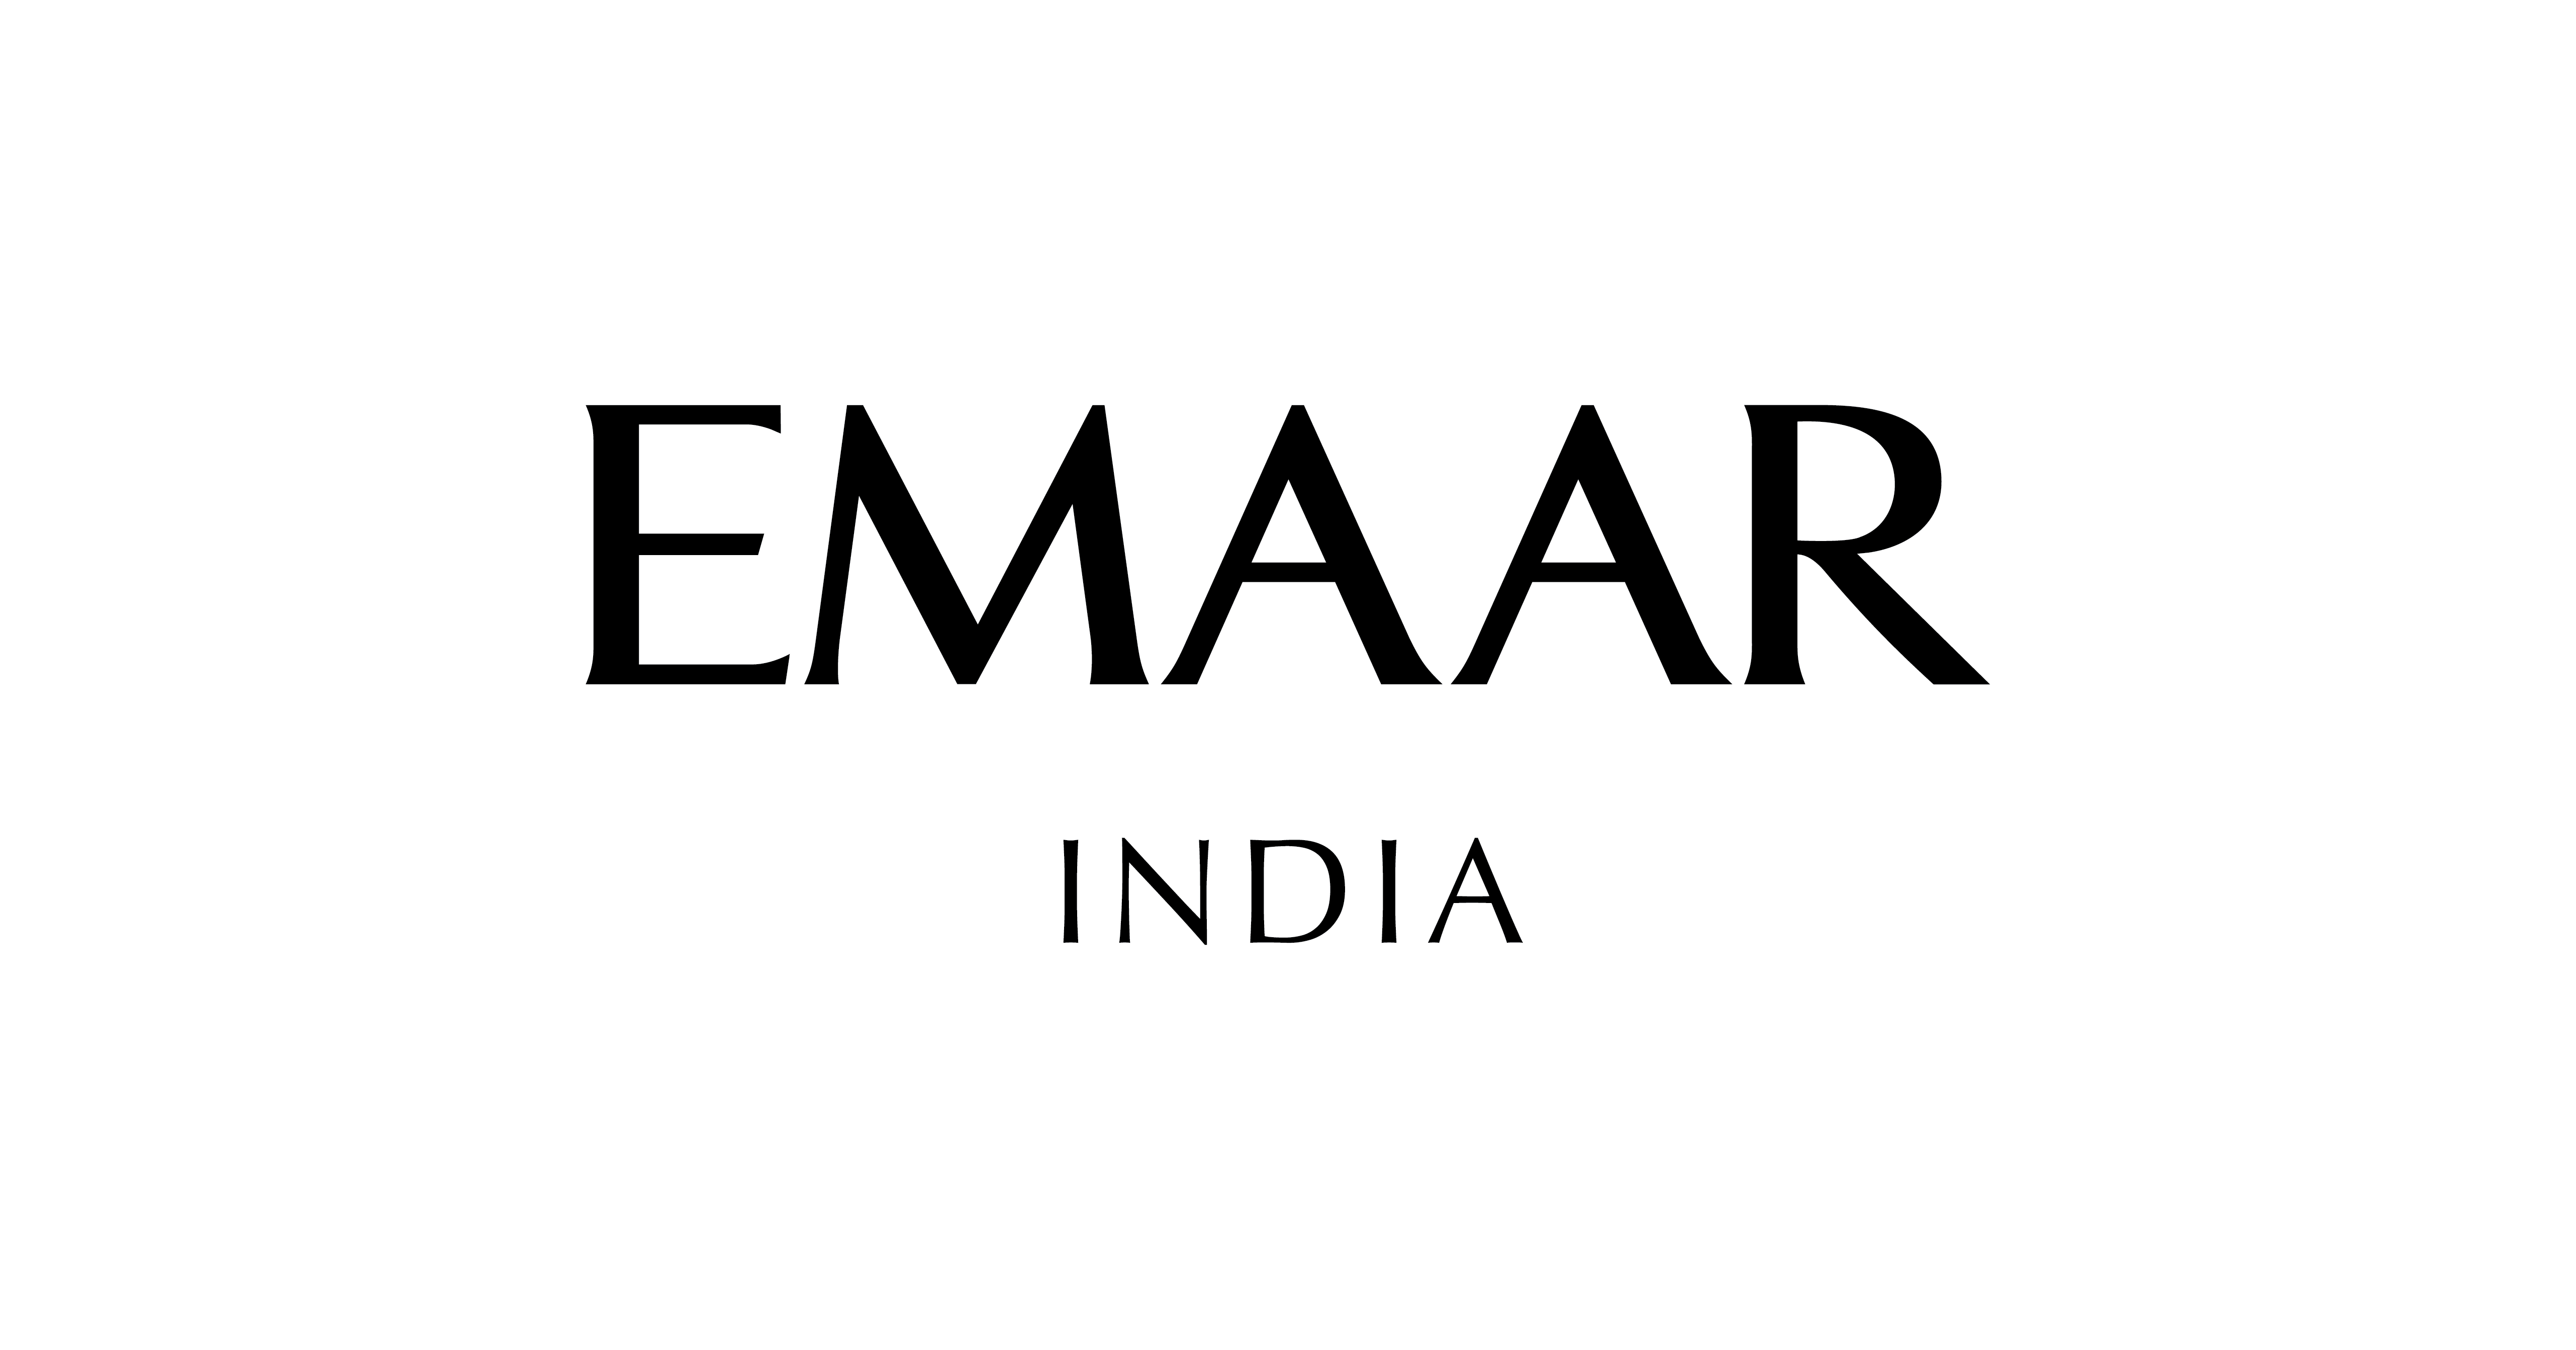 Emaar India